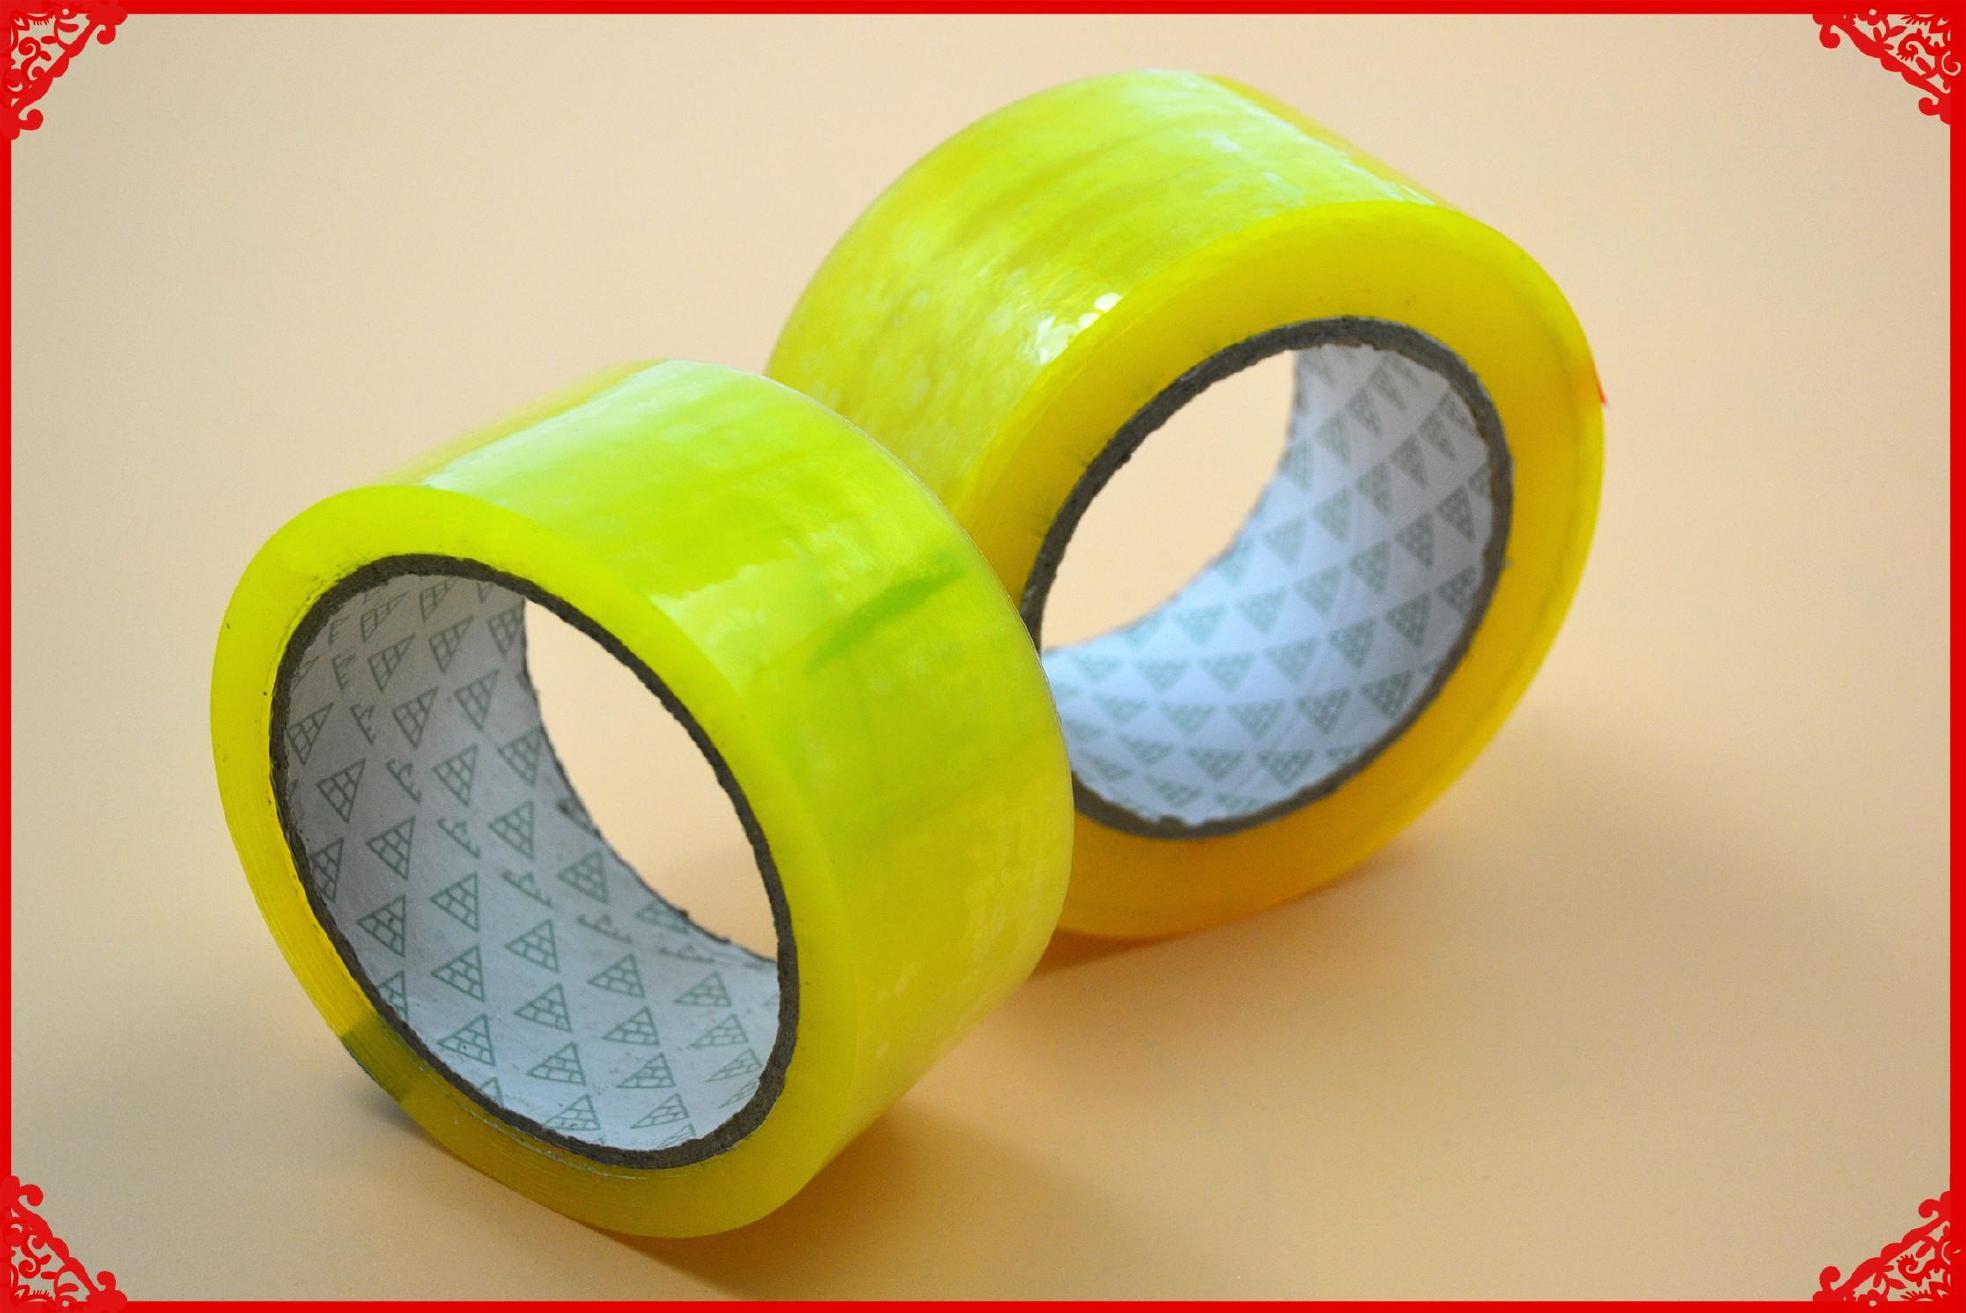 高粘度透明、黄色胶带4cm宽肉厚2.5cm封箱打包胶纸封口胶带批发示例图9